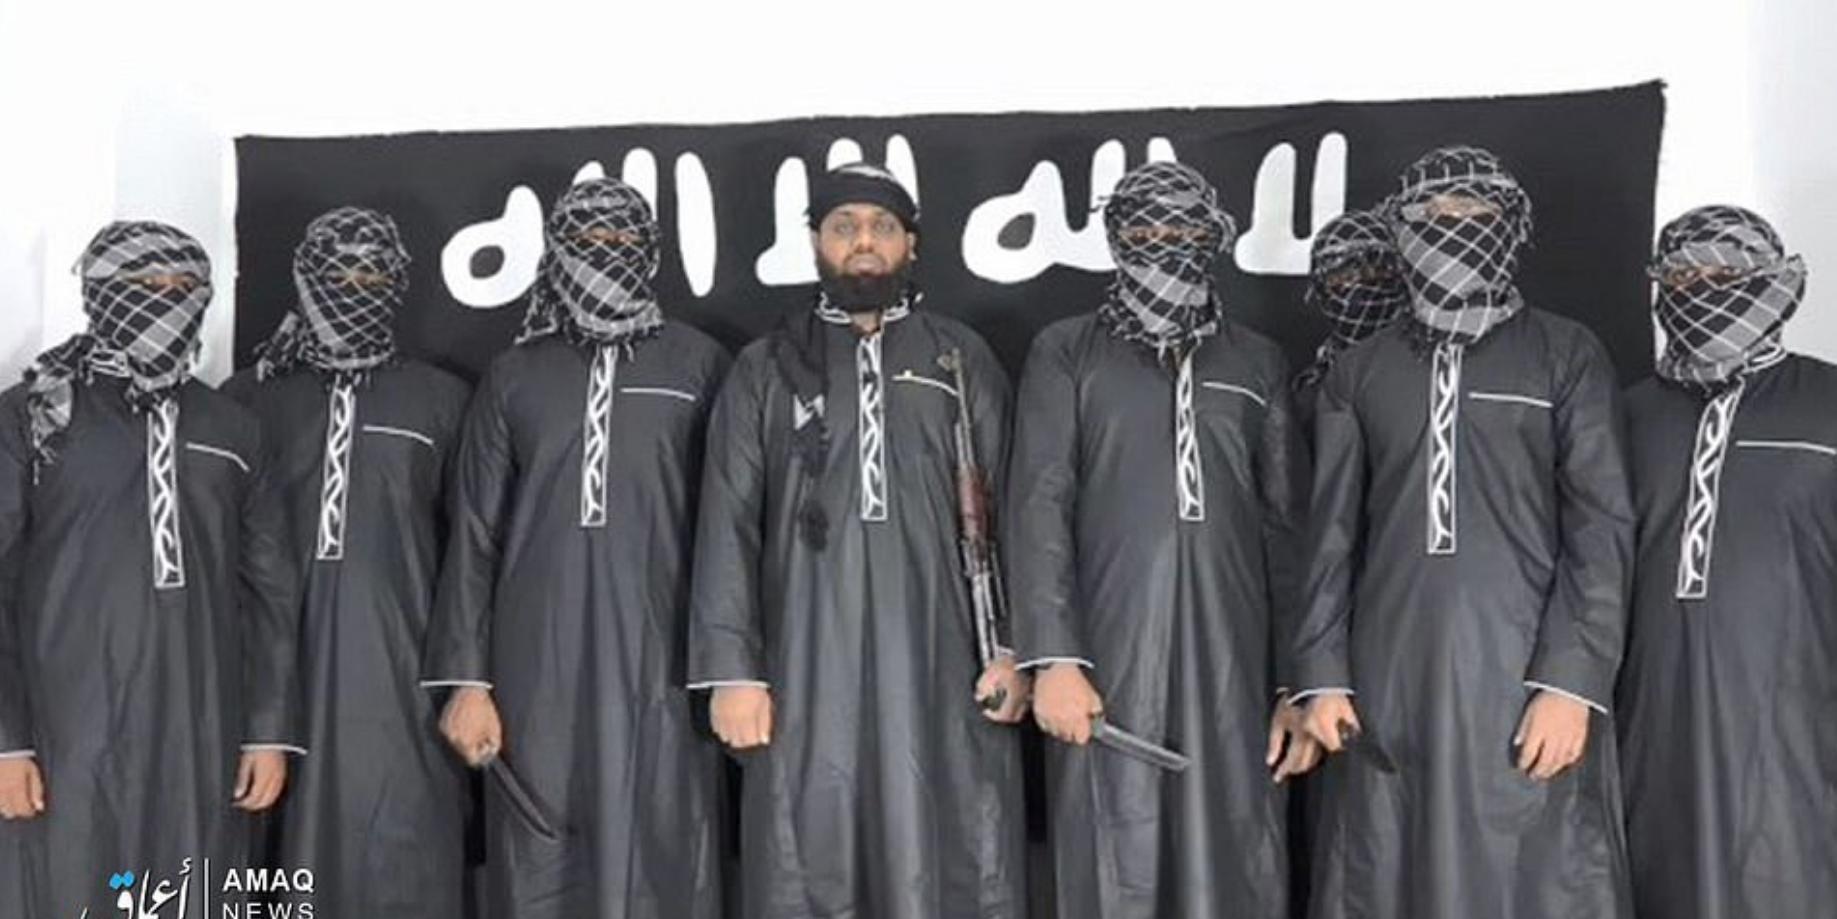 Ο Μουλβί Ζαχράν Χασίμ, ηγέτης της ισλαμιστής οργάνωσης της Σρι Λάνκα National Thawheed Jamaath μαζί με τους άλλους καμικάζι της περασμένη Κυριακής ορκίζεται πίστη και αφοσίωση στον ηγέτη του ISIS, Αμπού Μπακρ αλ Μπαγκντάντι.